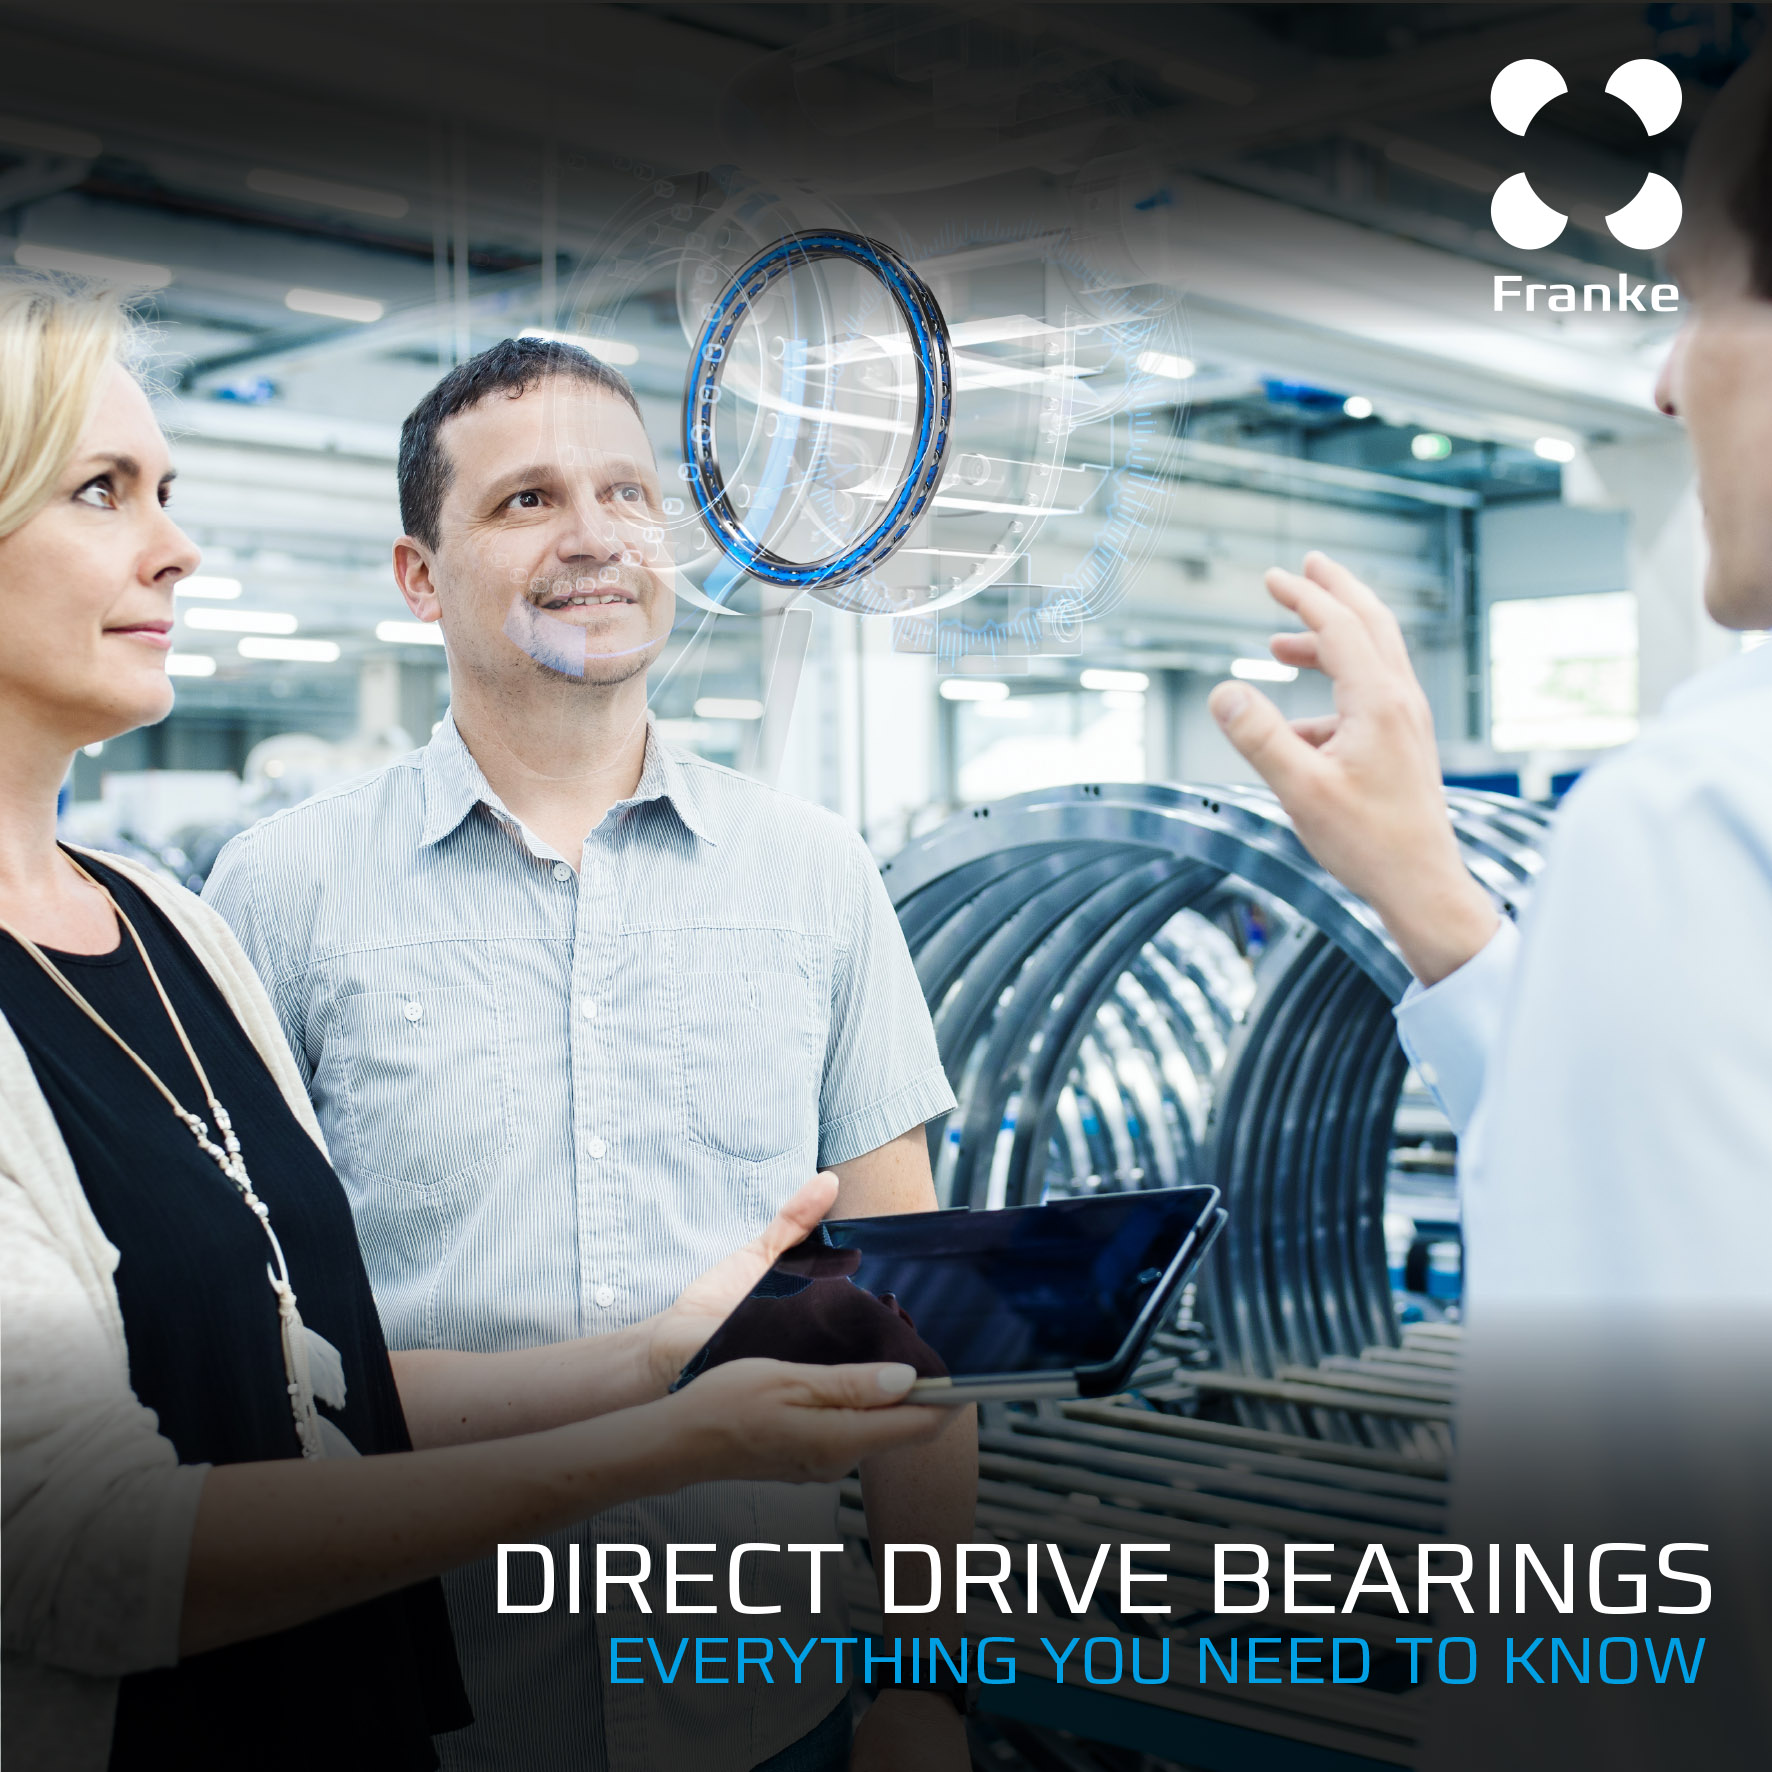 FAQ's Direct Drive Bearings